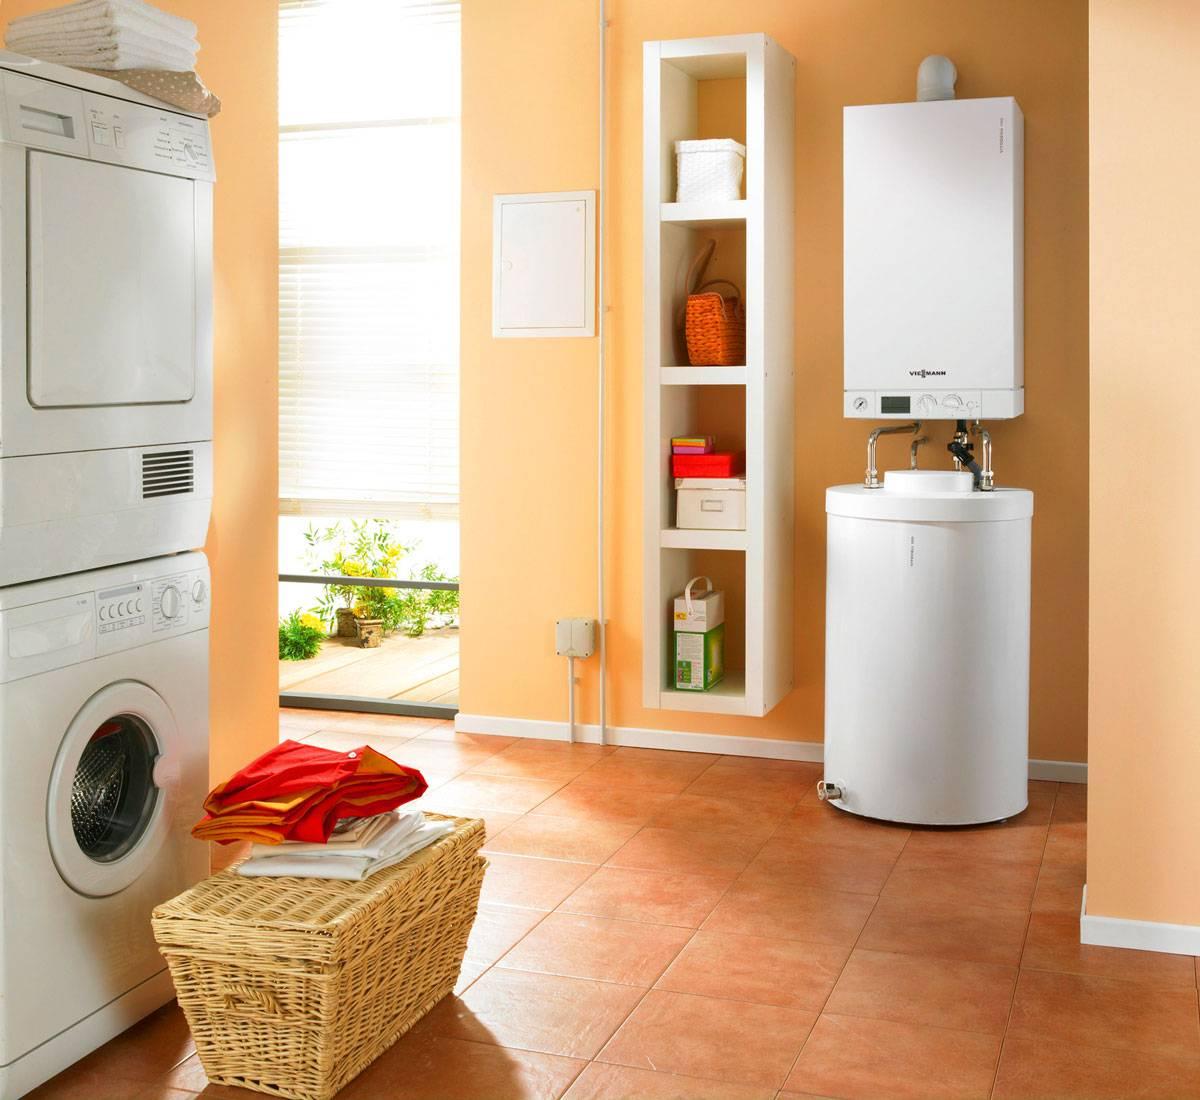 Какой газовый котел лучше, настенный или напольный, в частный дом